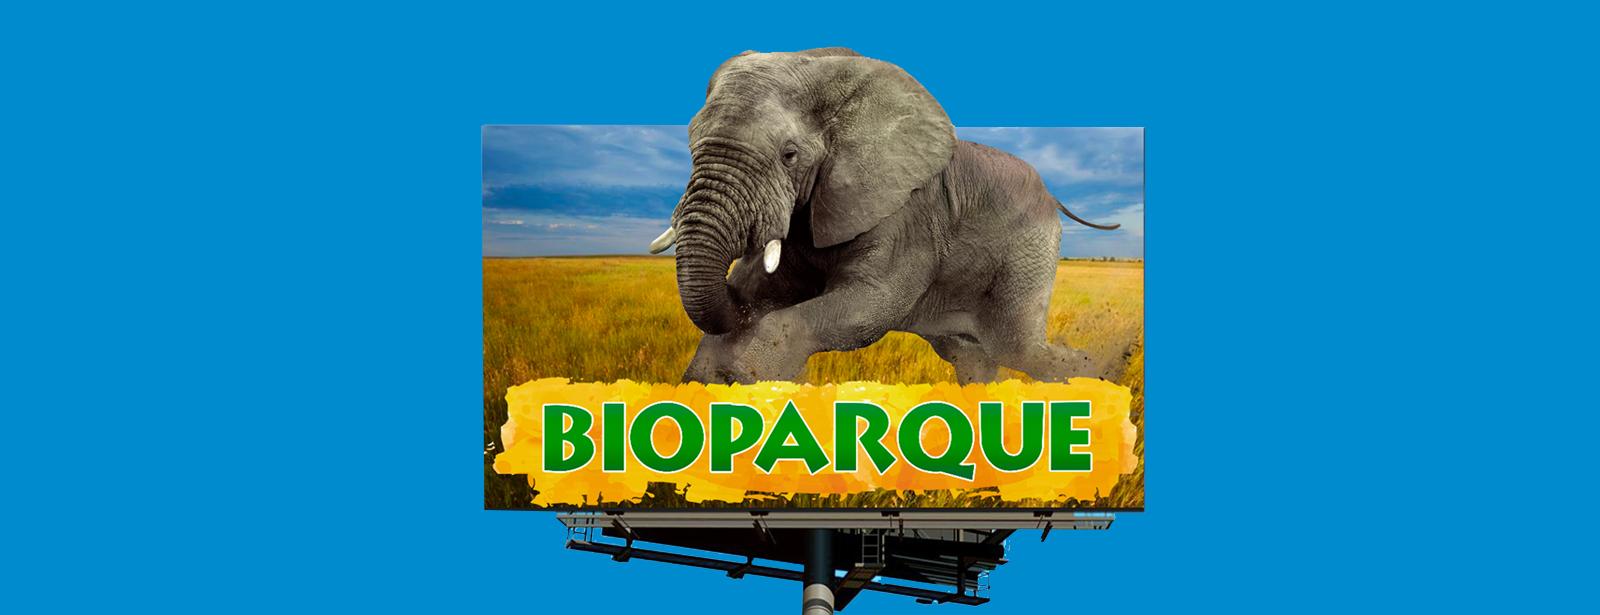 campaña bioparque agencia de publicidad